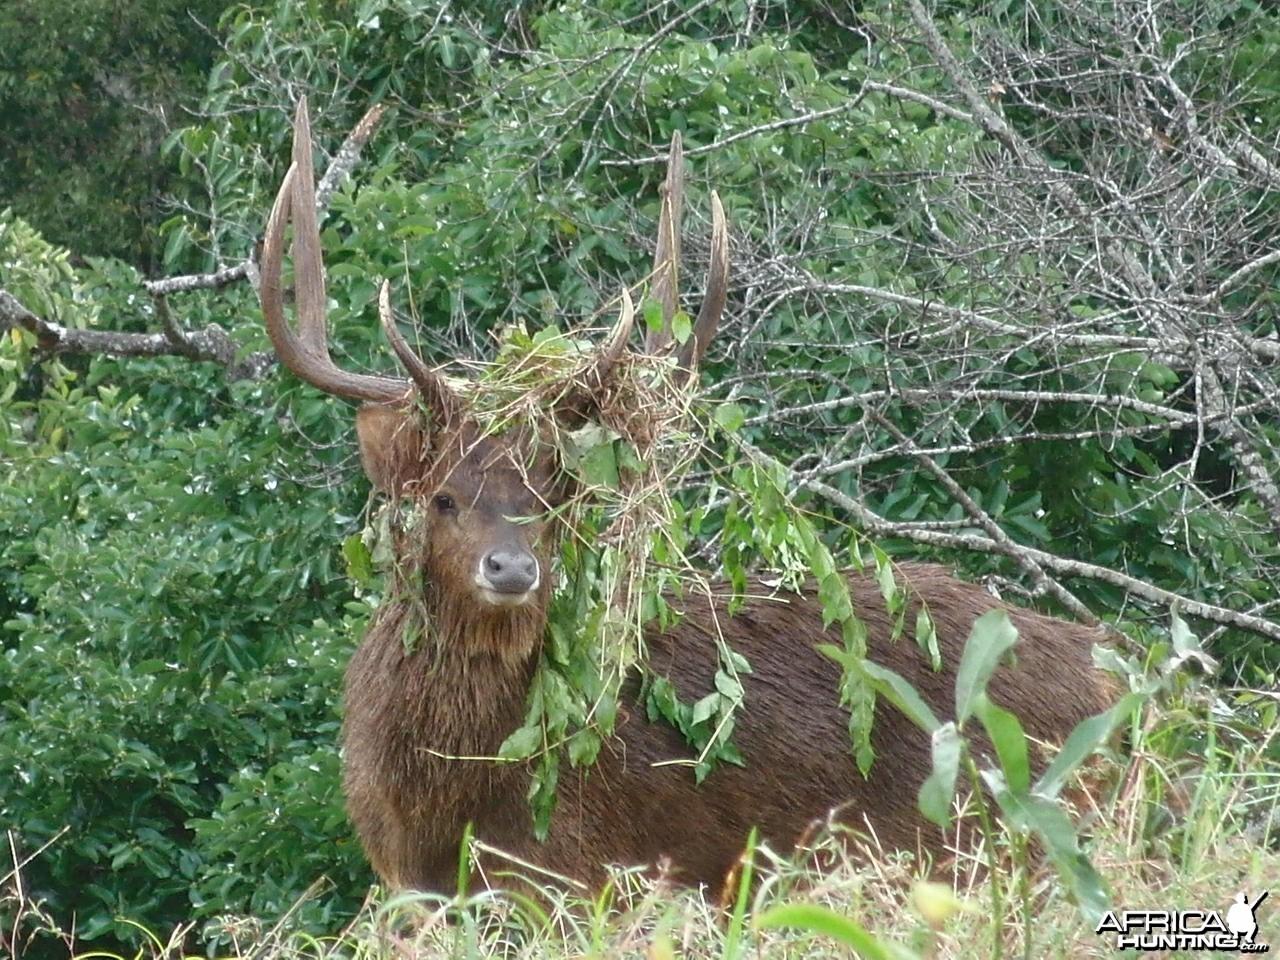 Bowhunting Rusa Deer in Mauritius